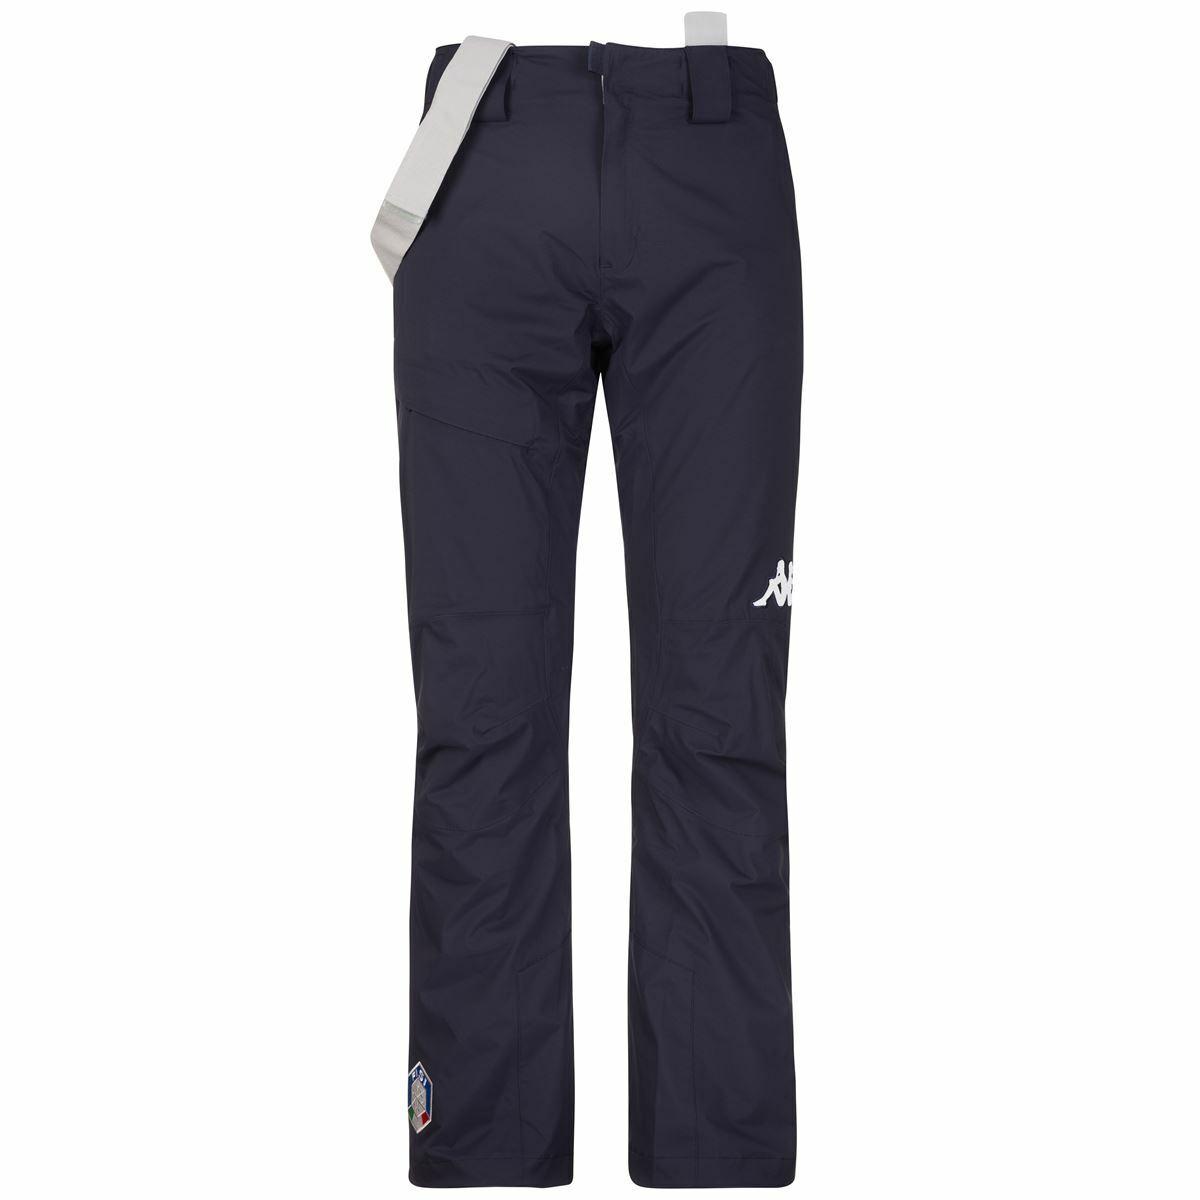 Pantalones de Hombre Kappa 6 Cento 622A Full Zip  Fisi Esquí Deporte Pantalones Deportivos  hasta un 70% de descuento